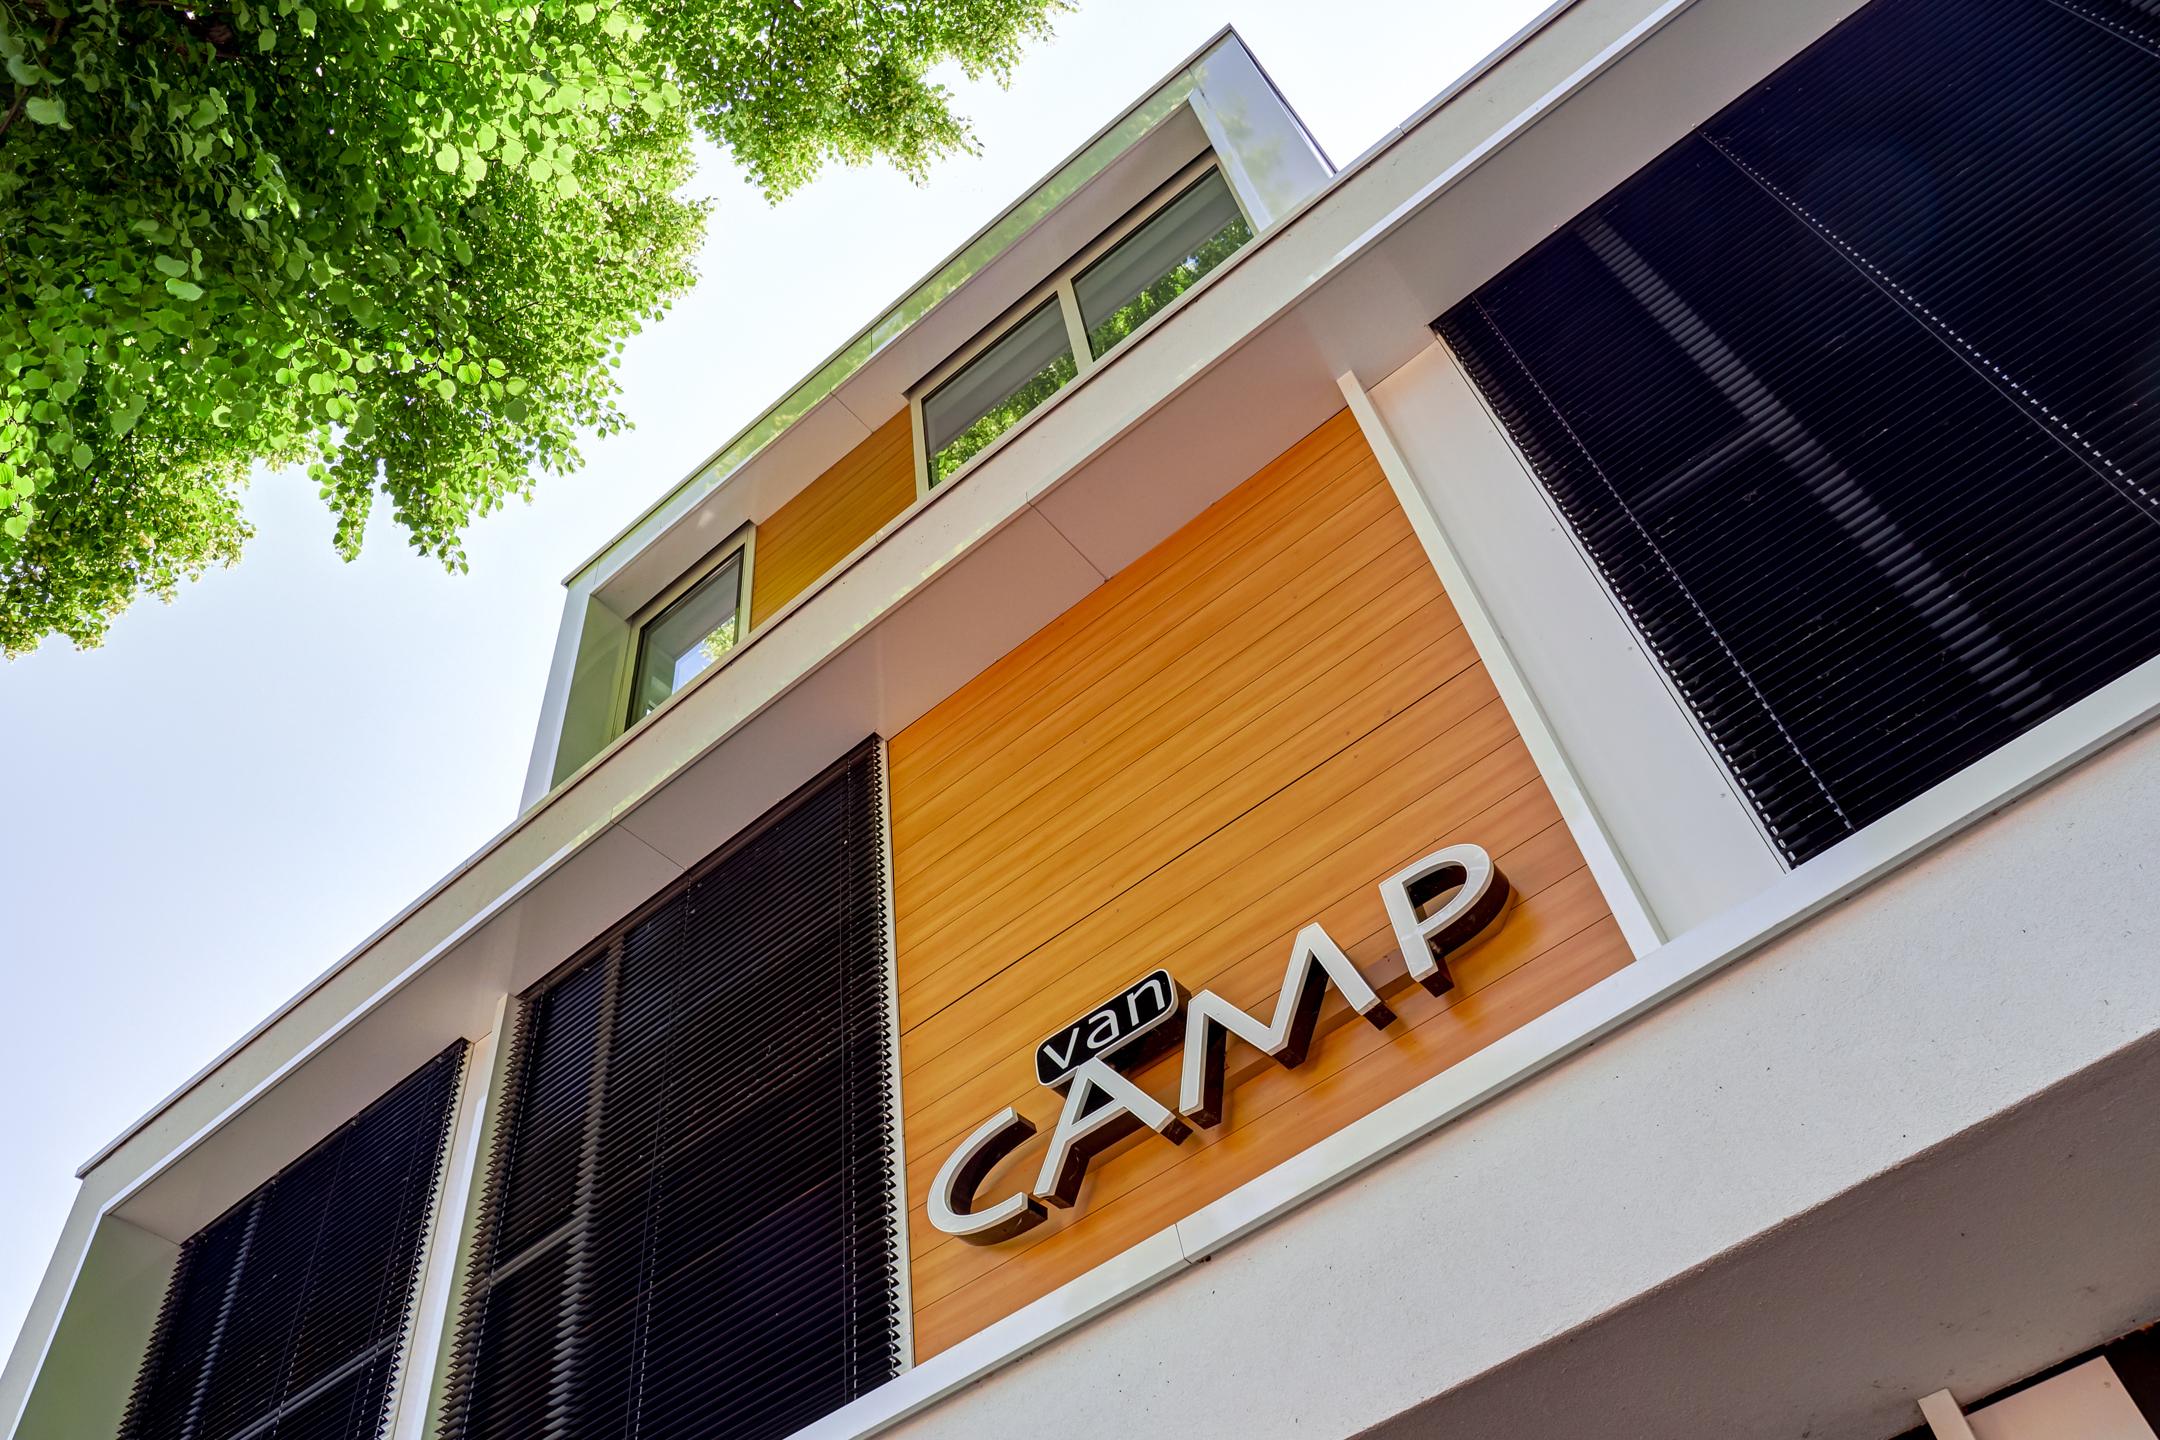 Van Camp Schoenen